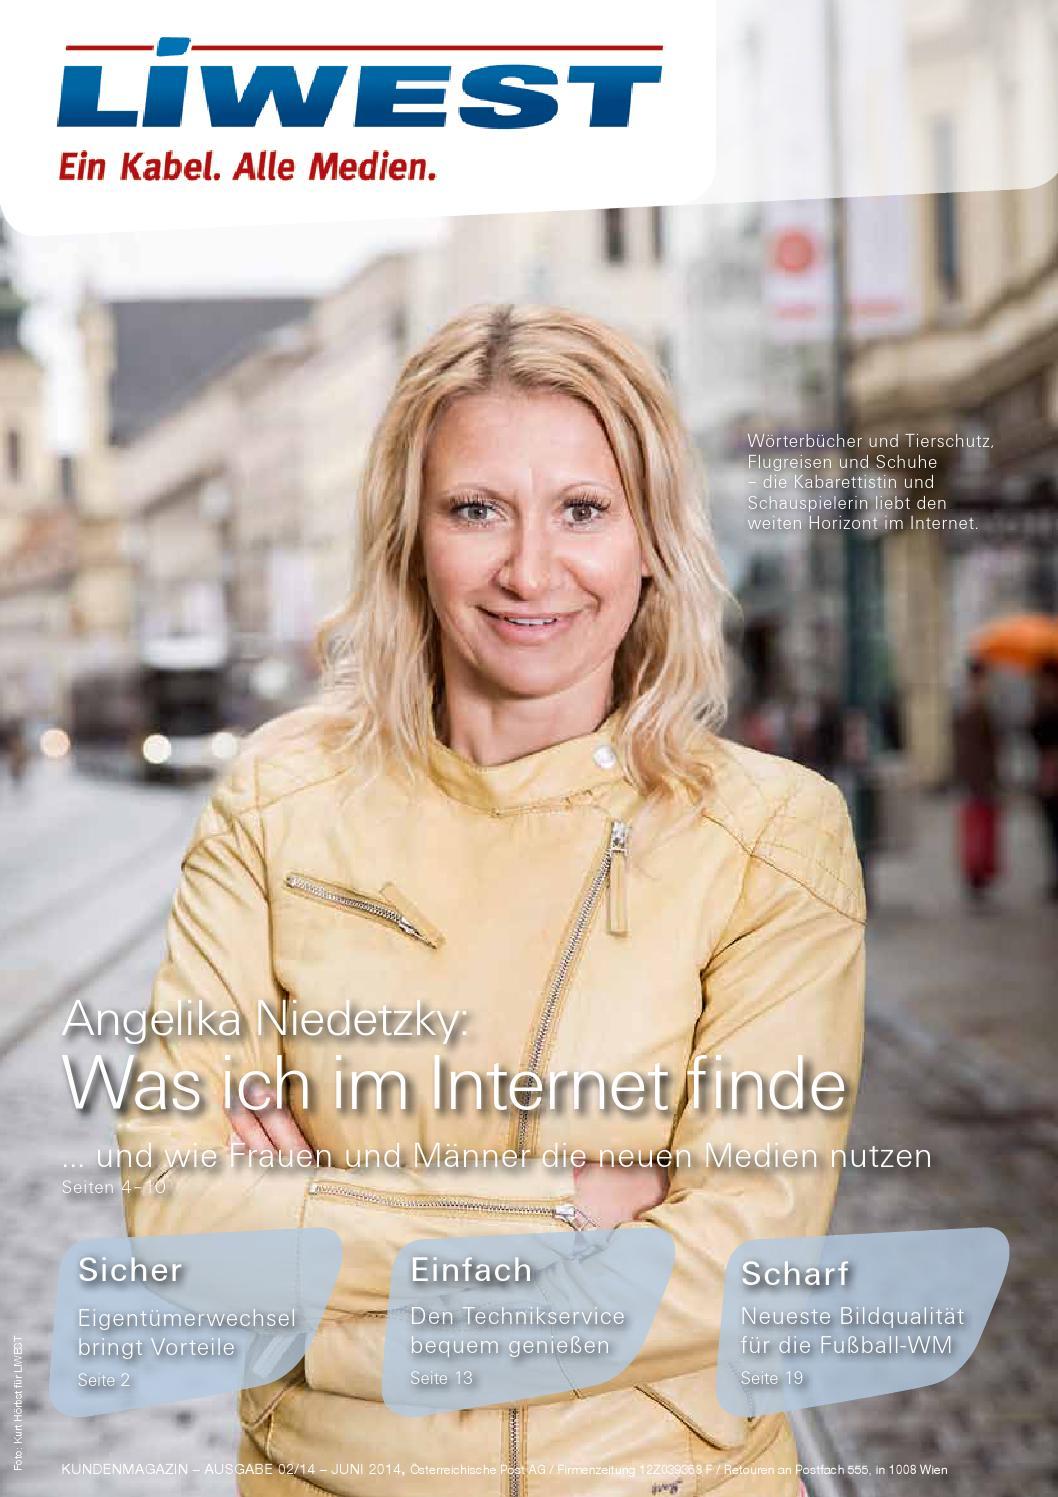 Jennersdorf reiche single mnner Buchkirchen stadt